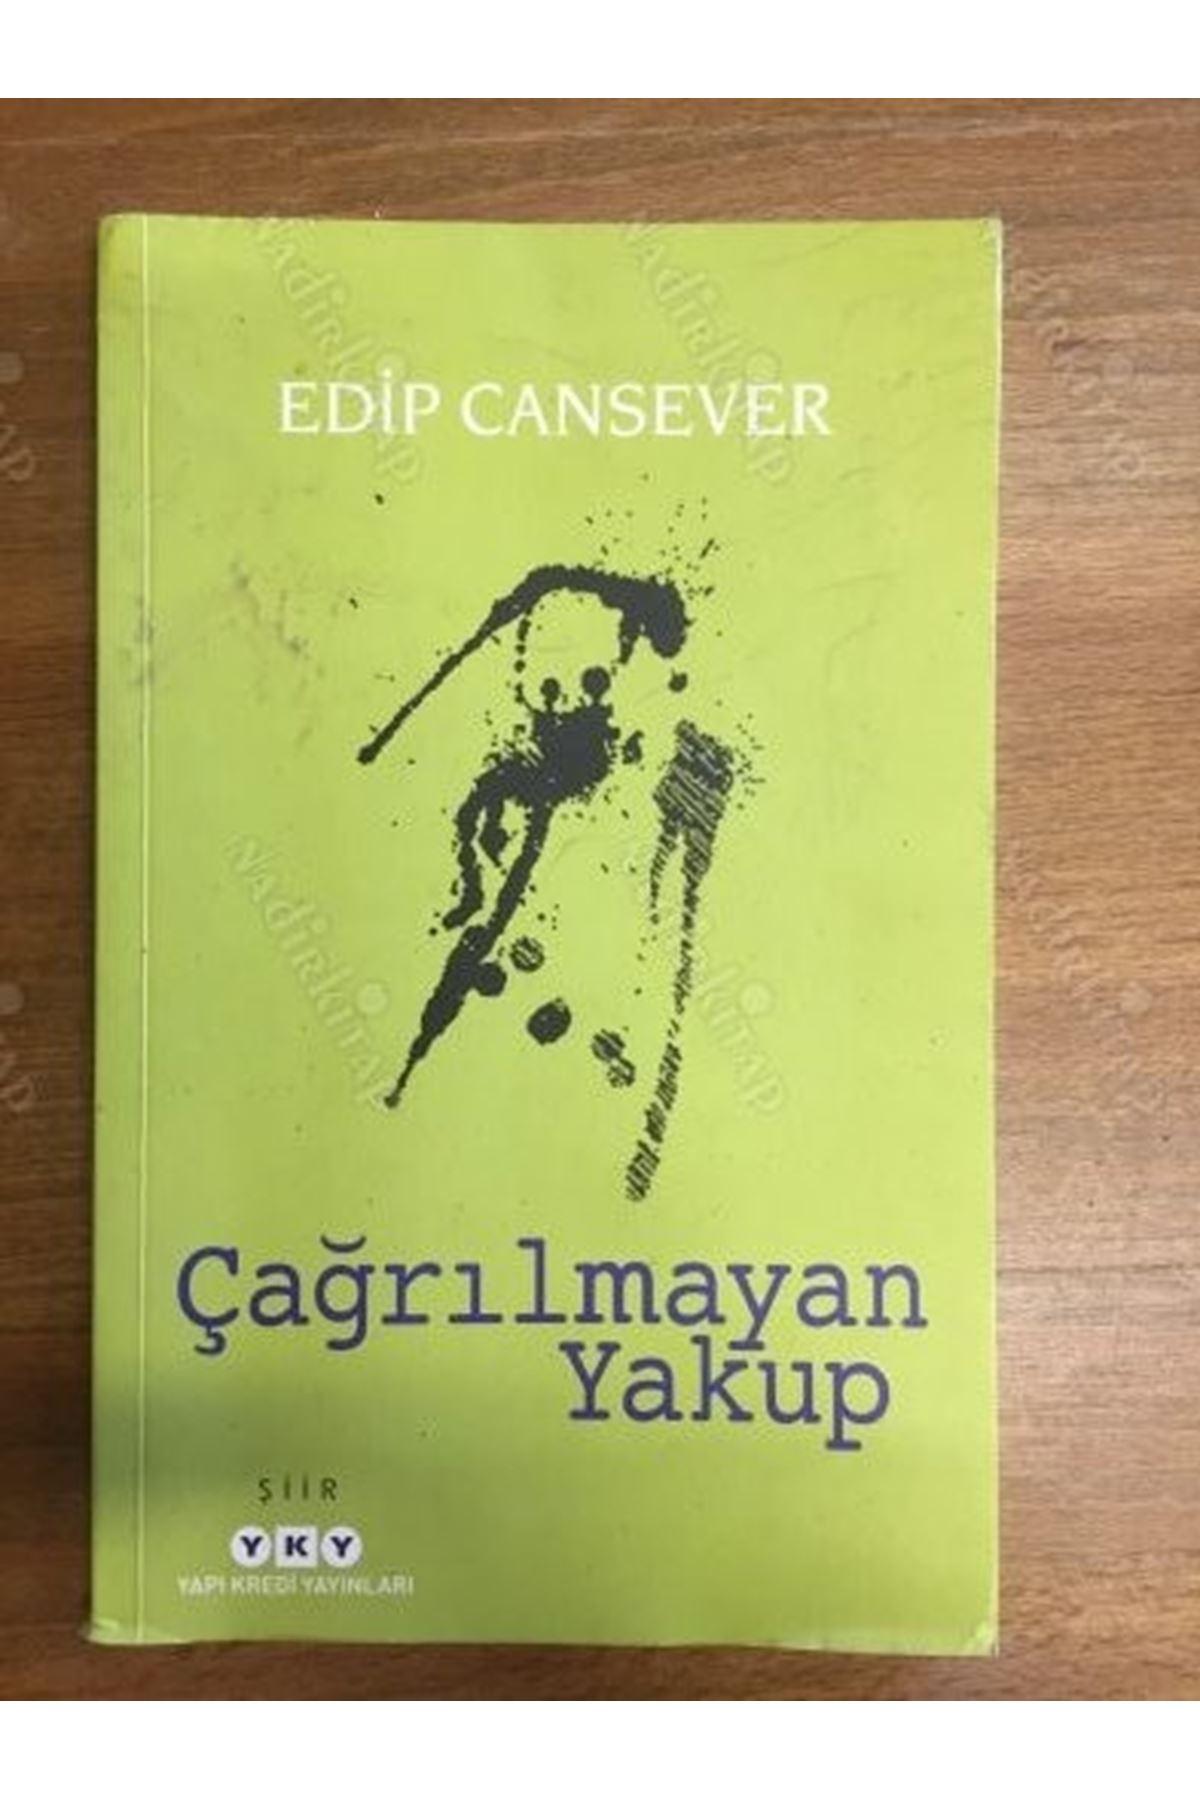 EDİP CANSEVER - ÇAĞRILMAYAN YAKUP